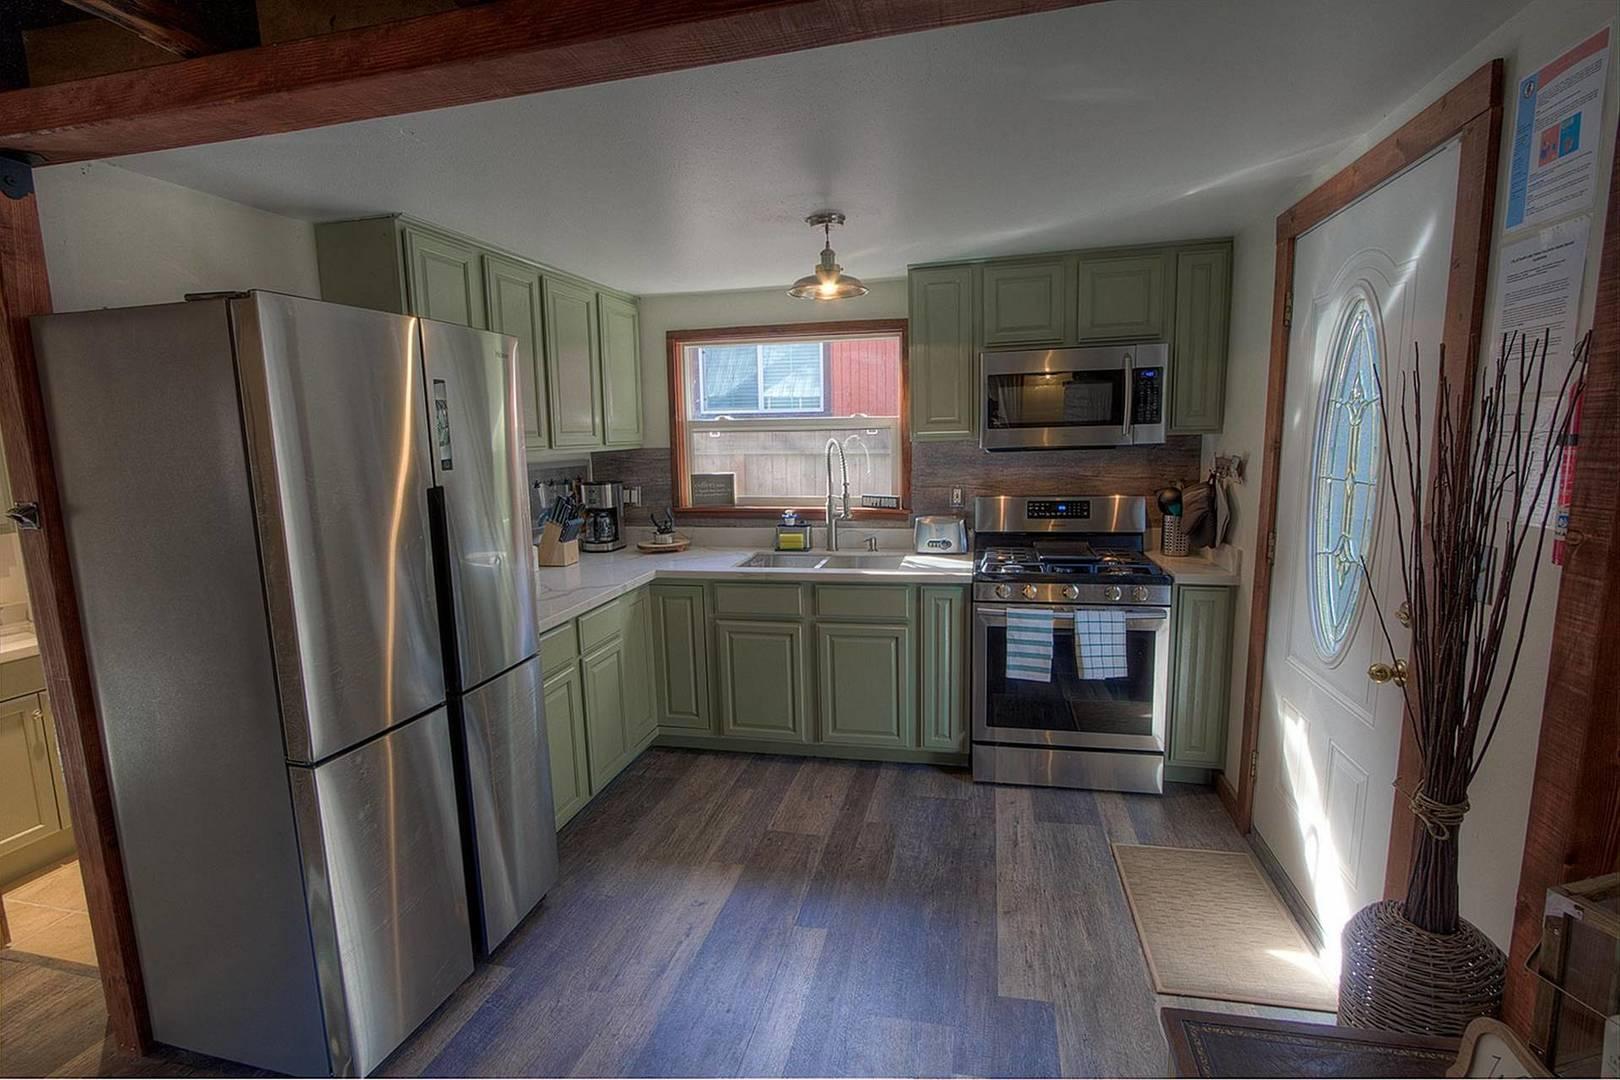 hch0648 kitchen